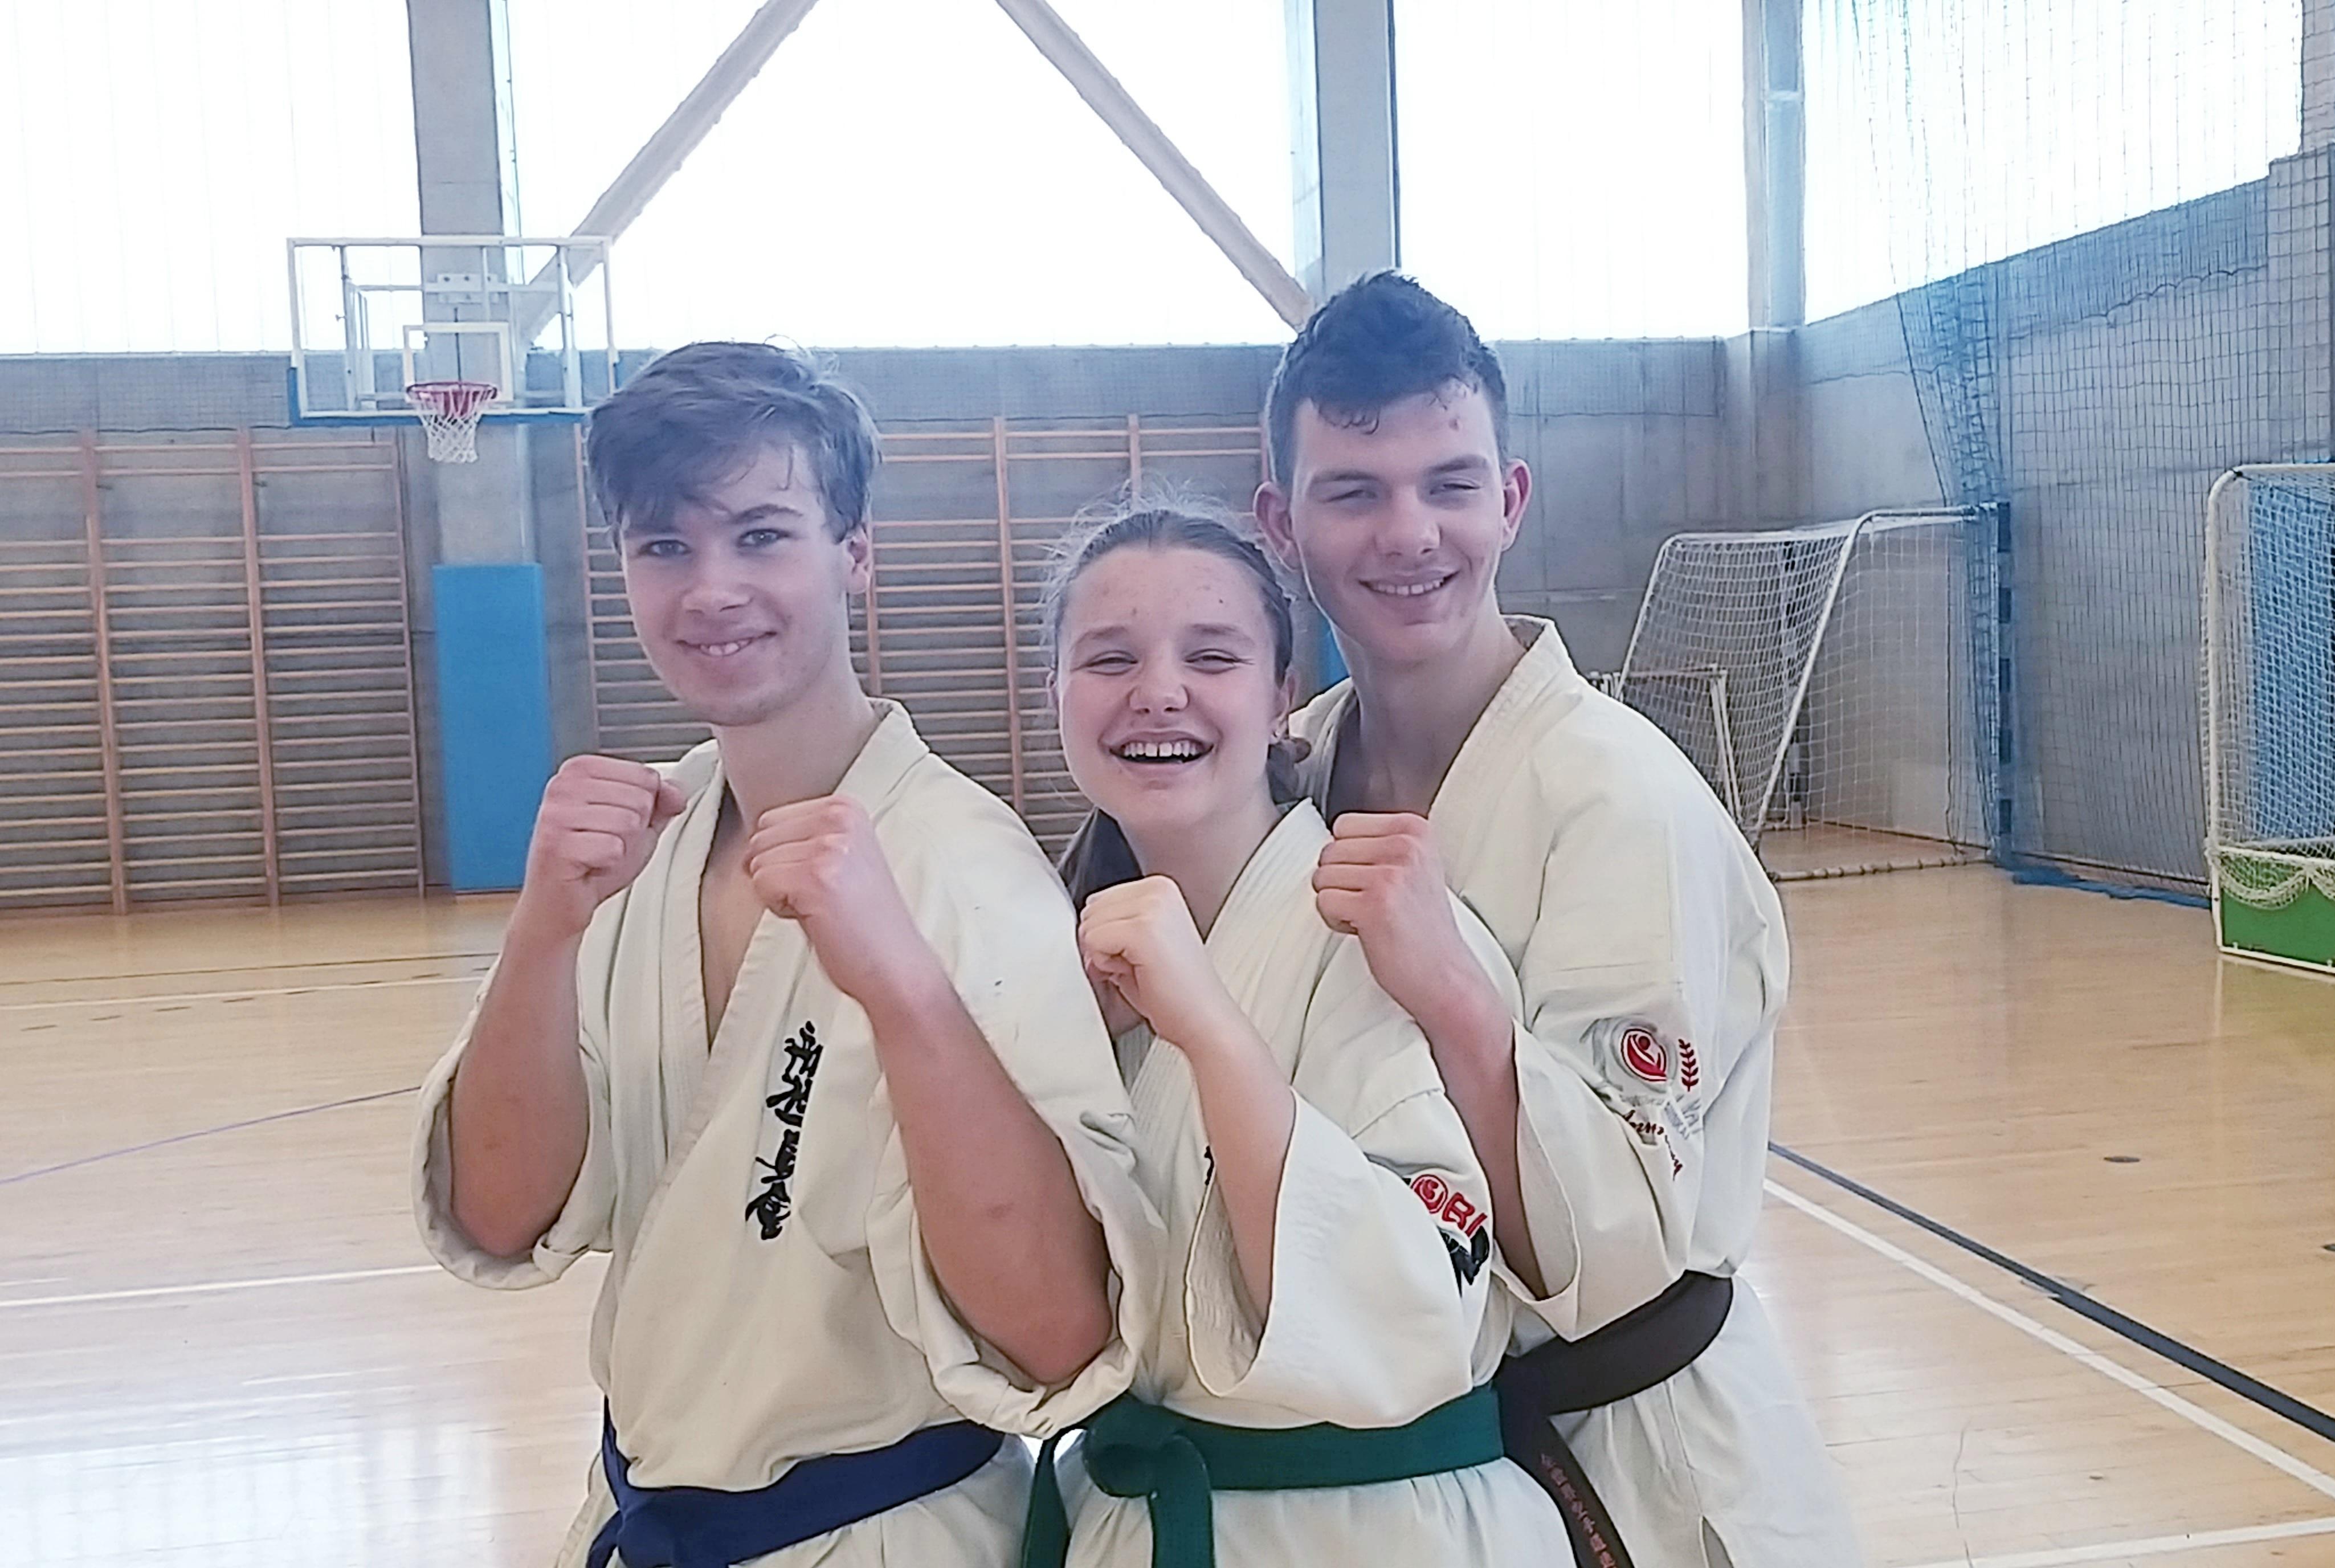 Nasi karatecy pokazali się w Tarnowskich Górach